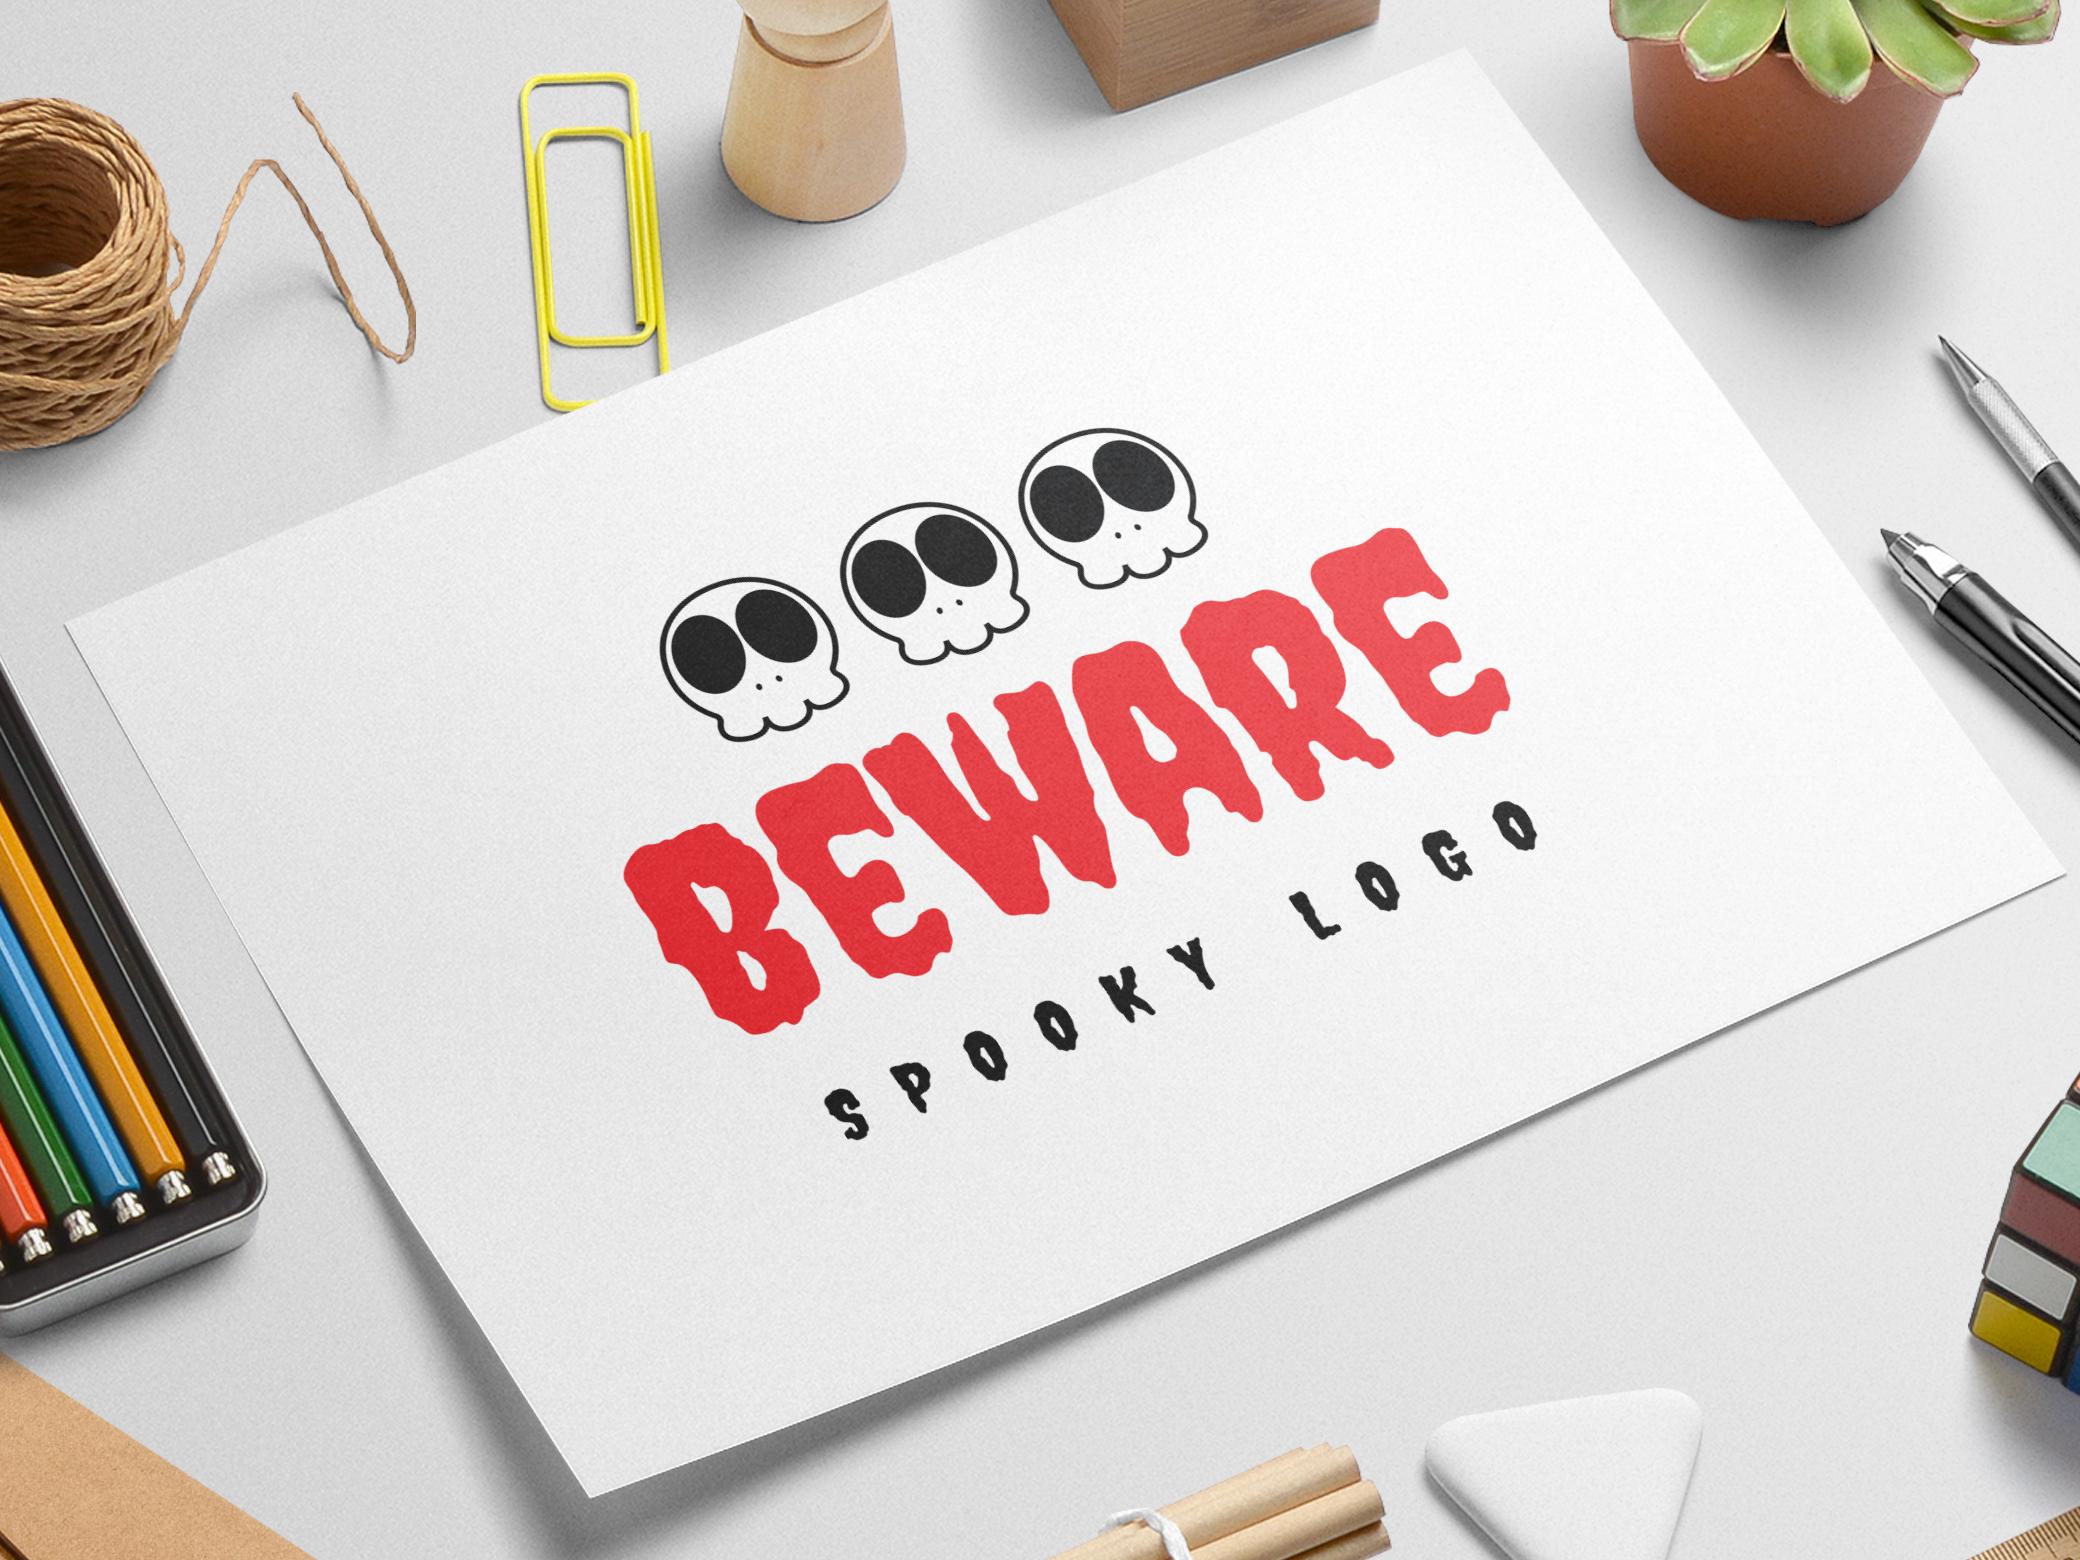 Beware logo template